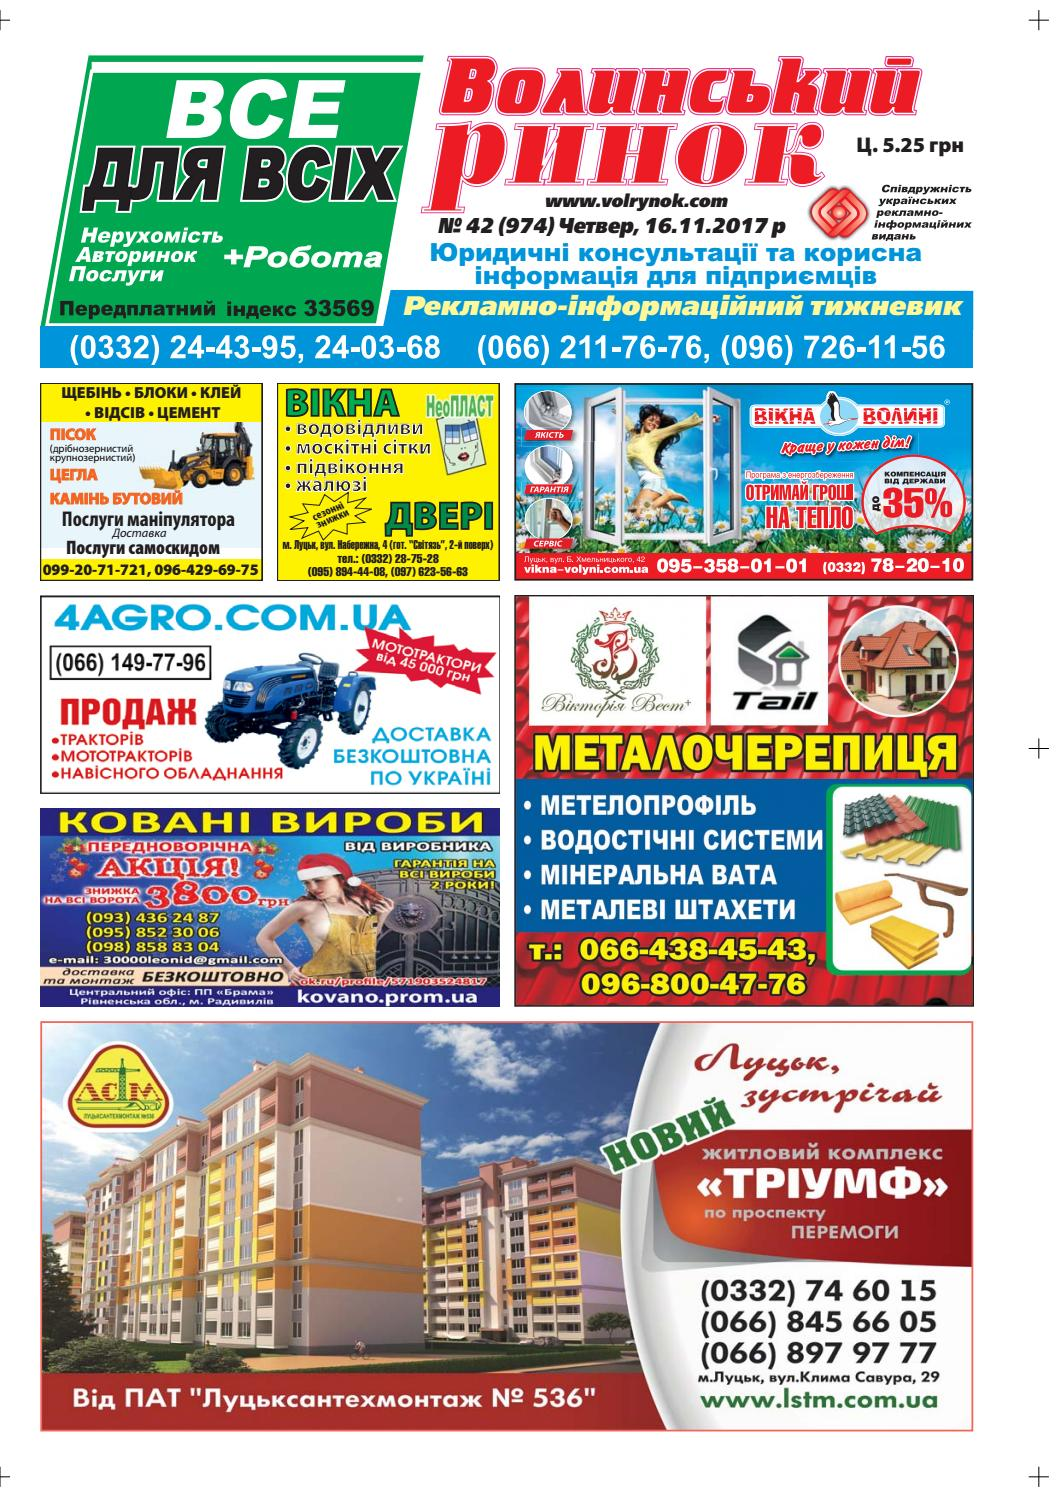 №42 16 11 2017 by volrynok - issuu fca4b01abc458